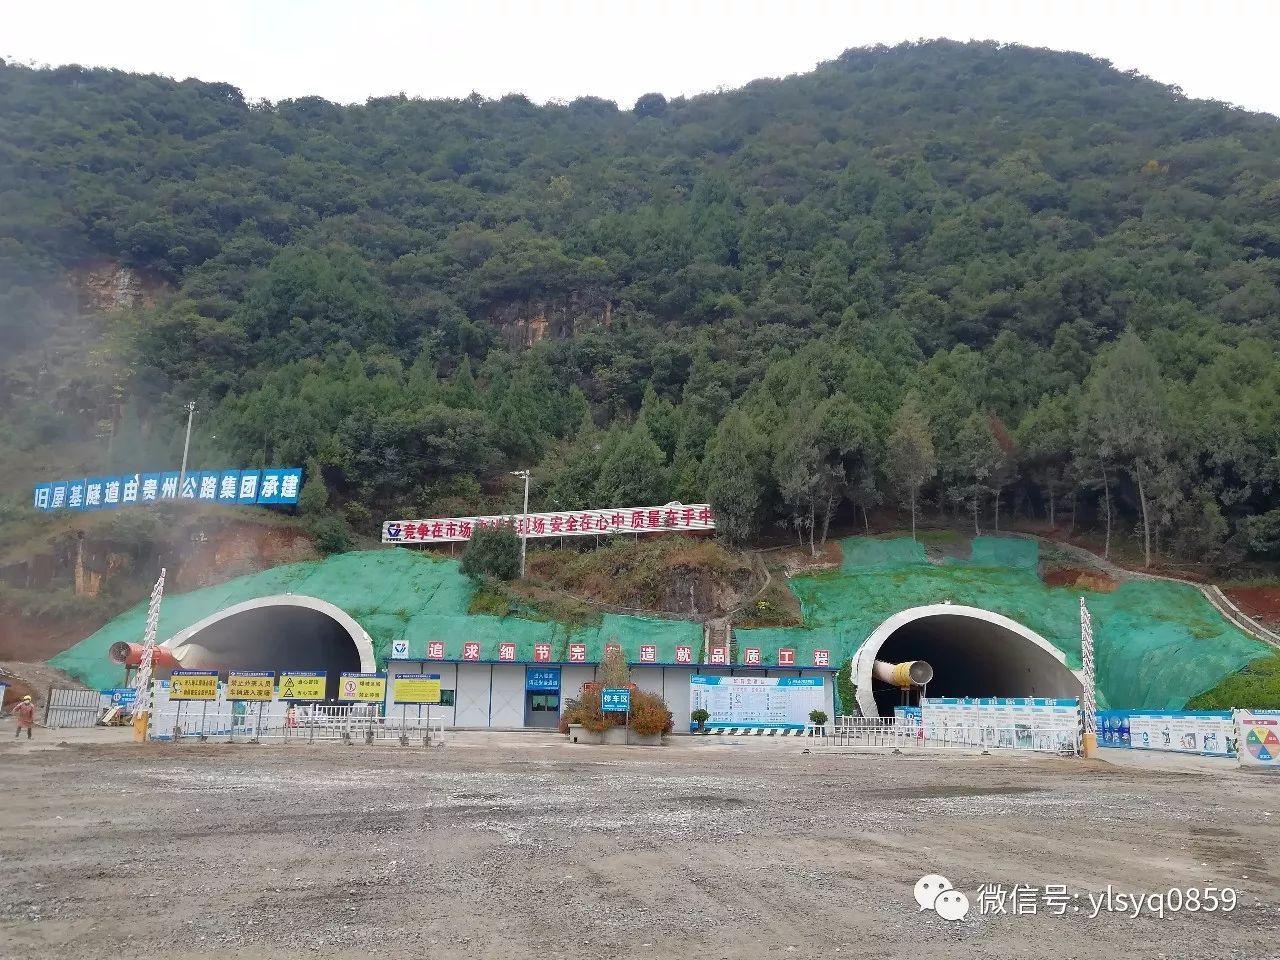 贵州省黔西南州兴义环城高速旧屋基隧道即将贯通